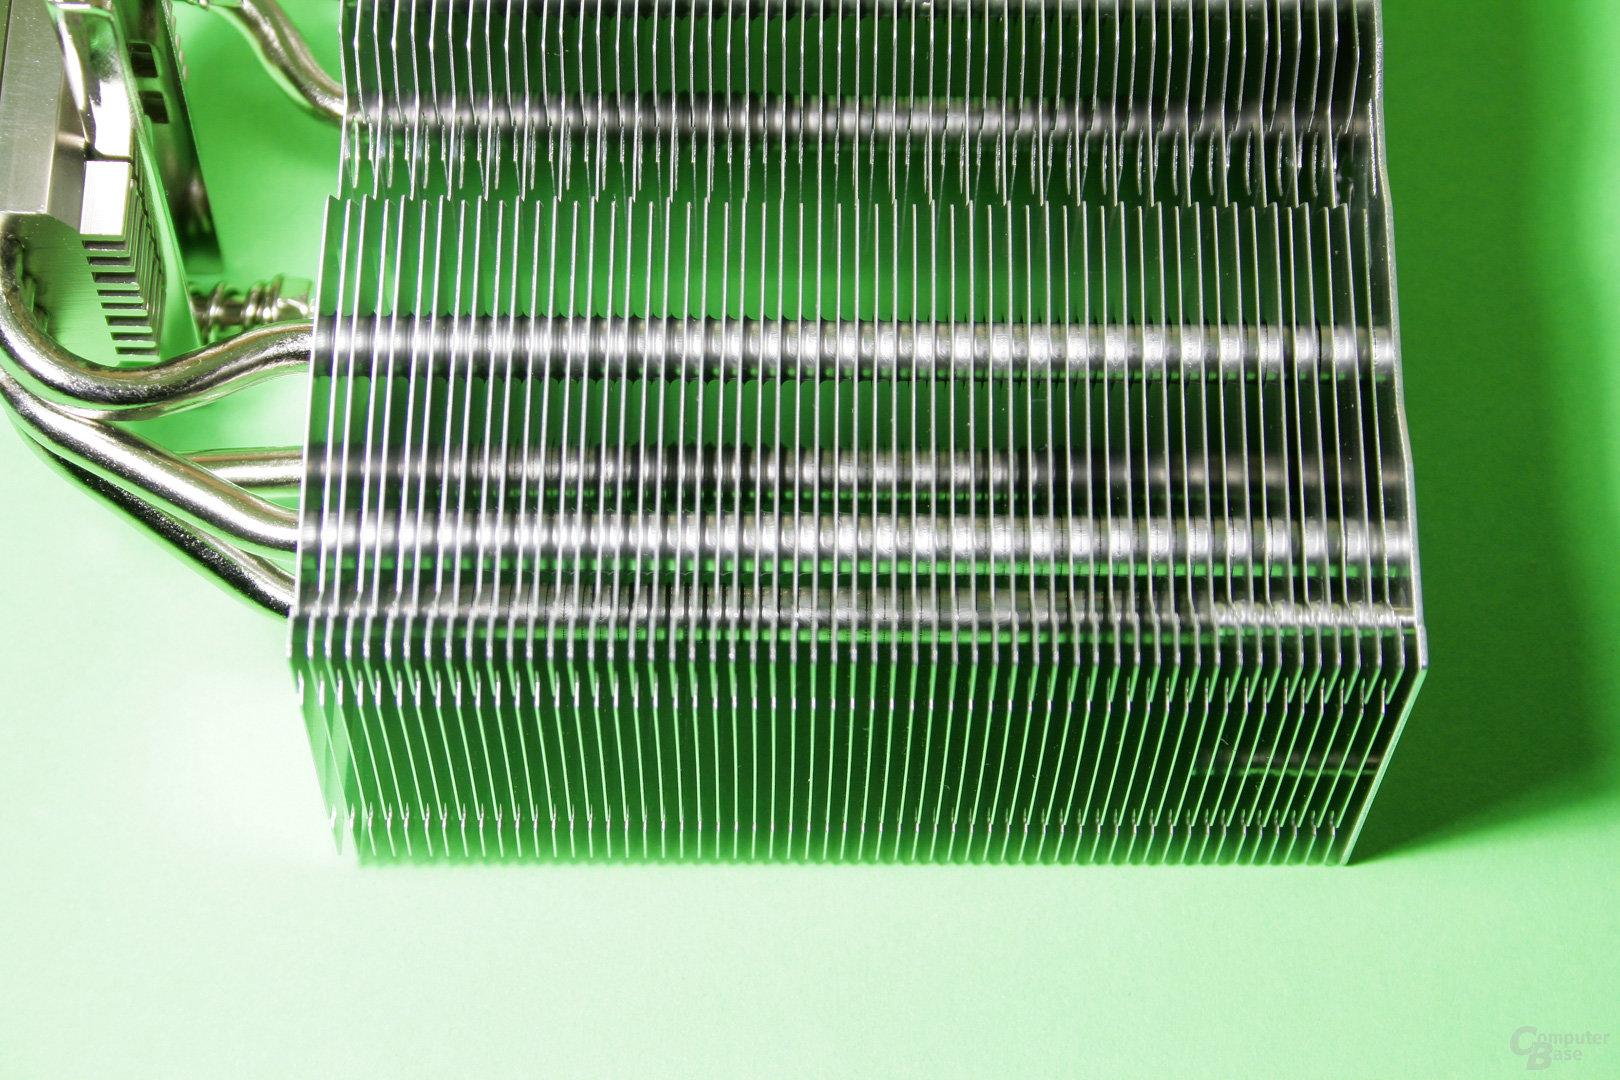 Nahaufnahme der Aluminium-Lamellen des Kotetsu Mark II